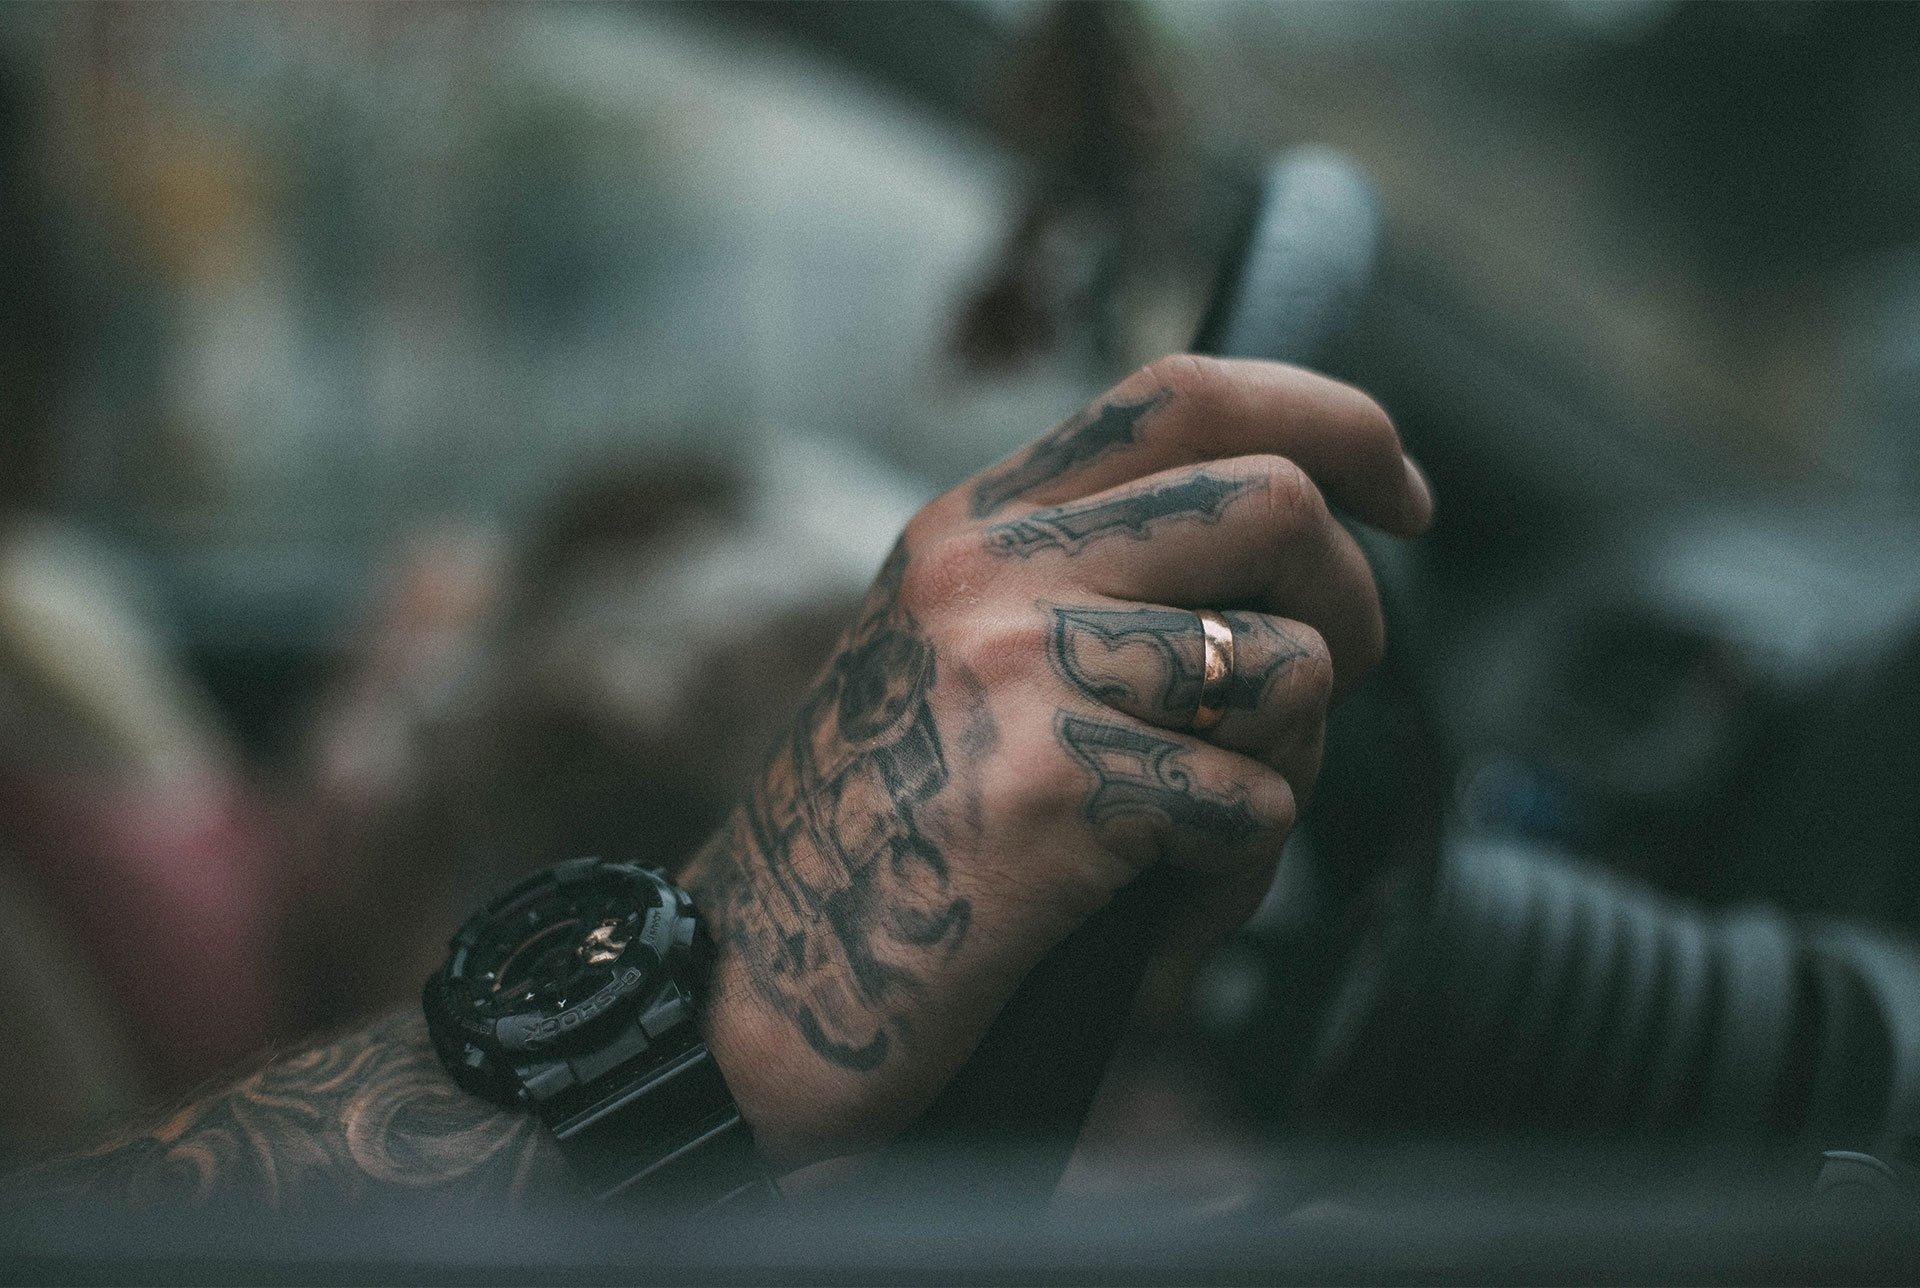 13_Tattoo_02